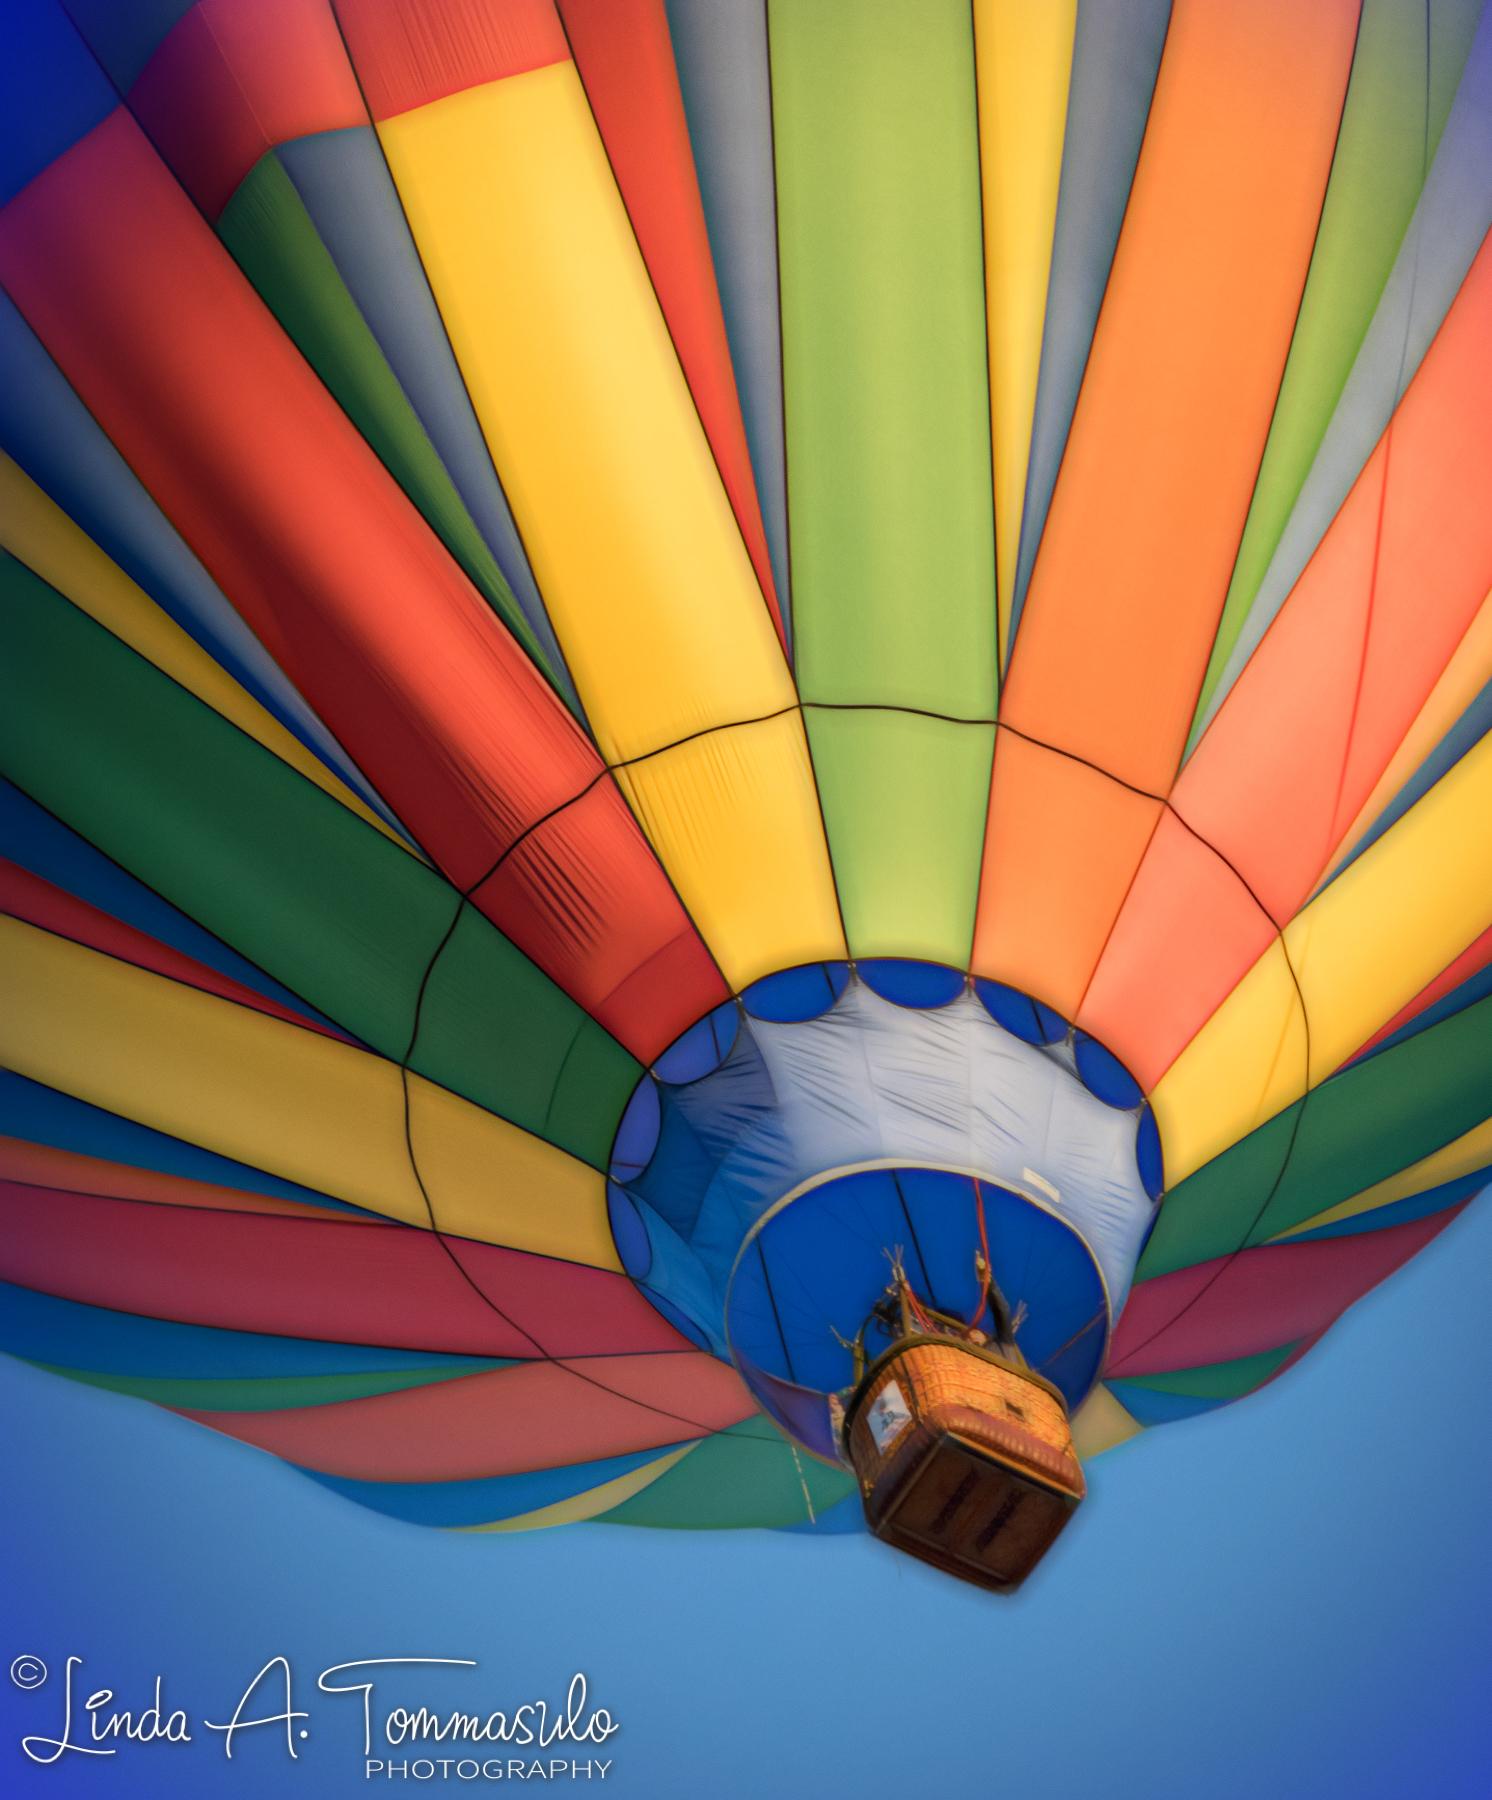 Balloons-9250128-2